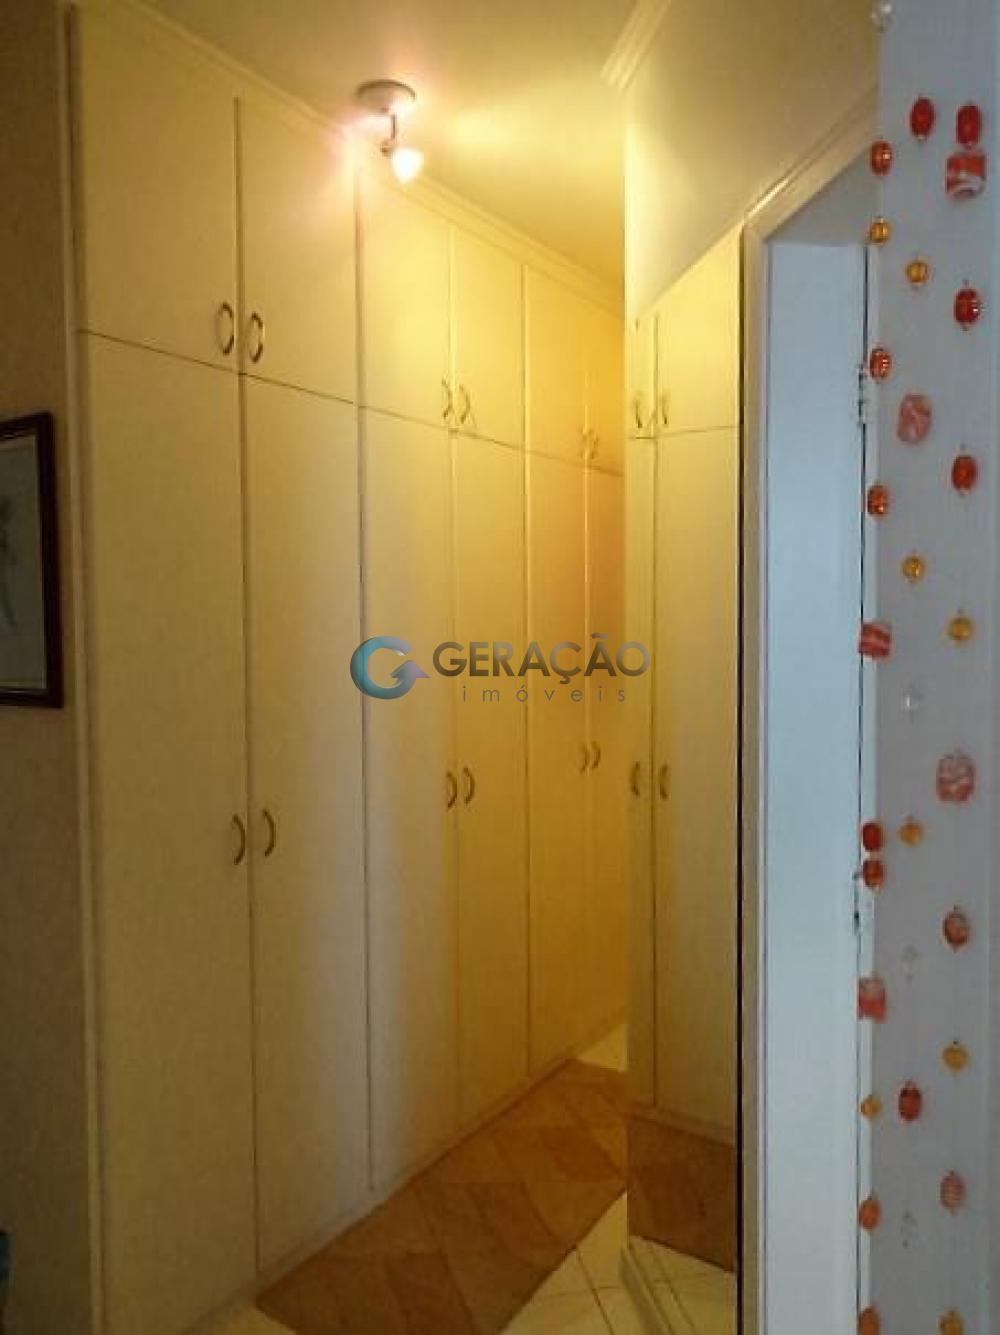 Comprar Apartamento / Padrão em Caçapava apenas R$ 480.000,00 - Foto 2